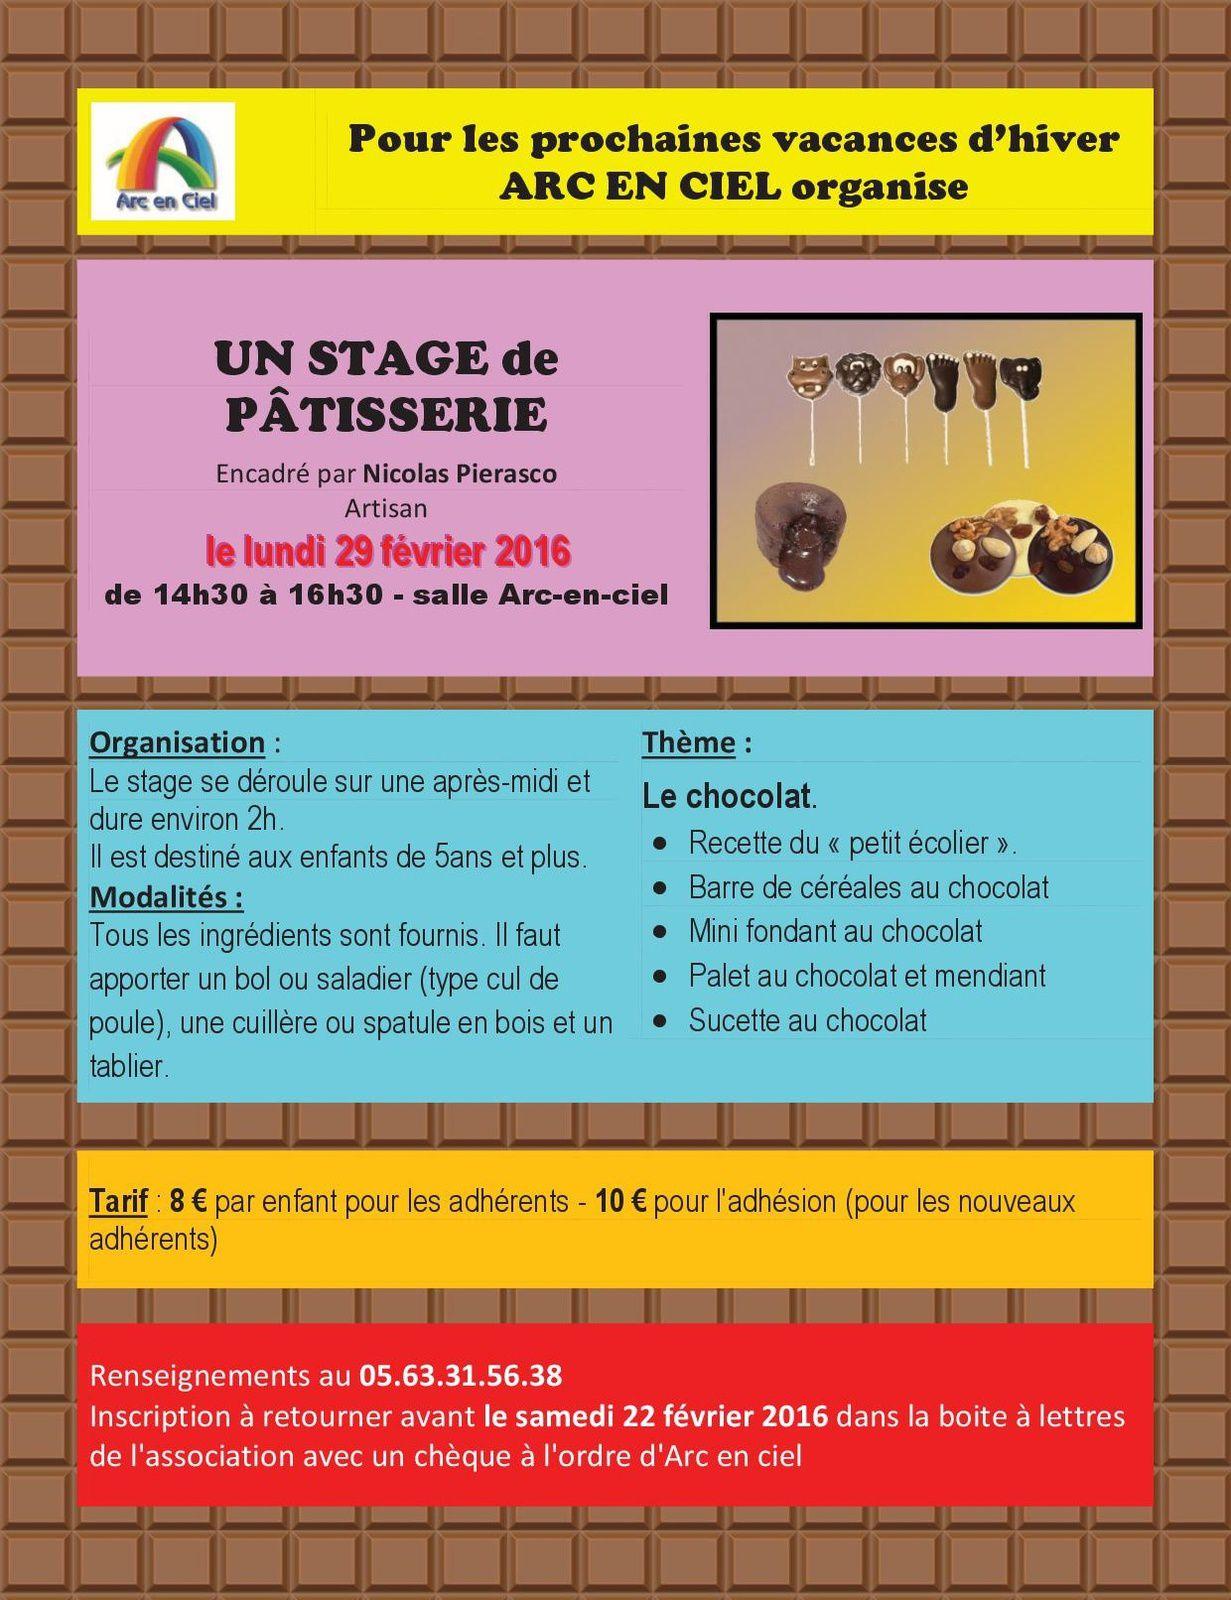 Stage vacances d 39 hiver 2016 association arc en ciel - Vacances scolaires hiver 2016 ...